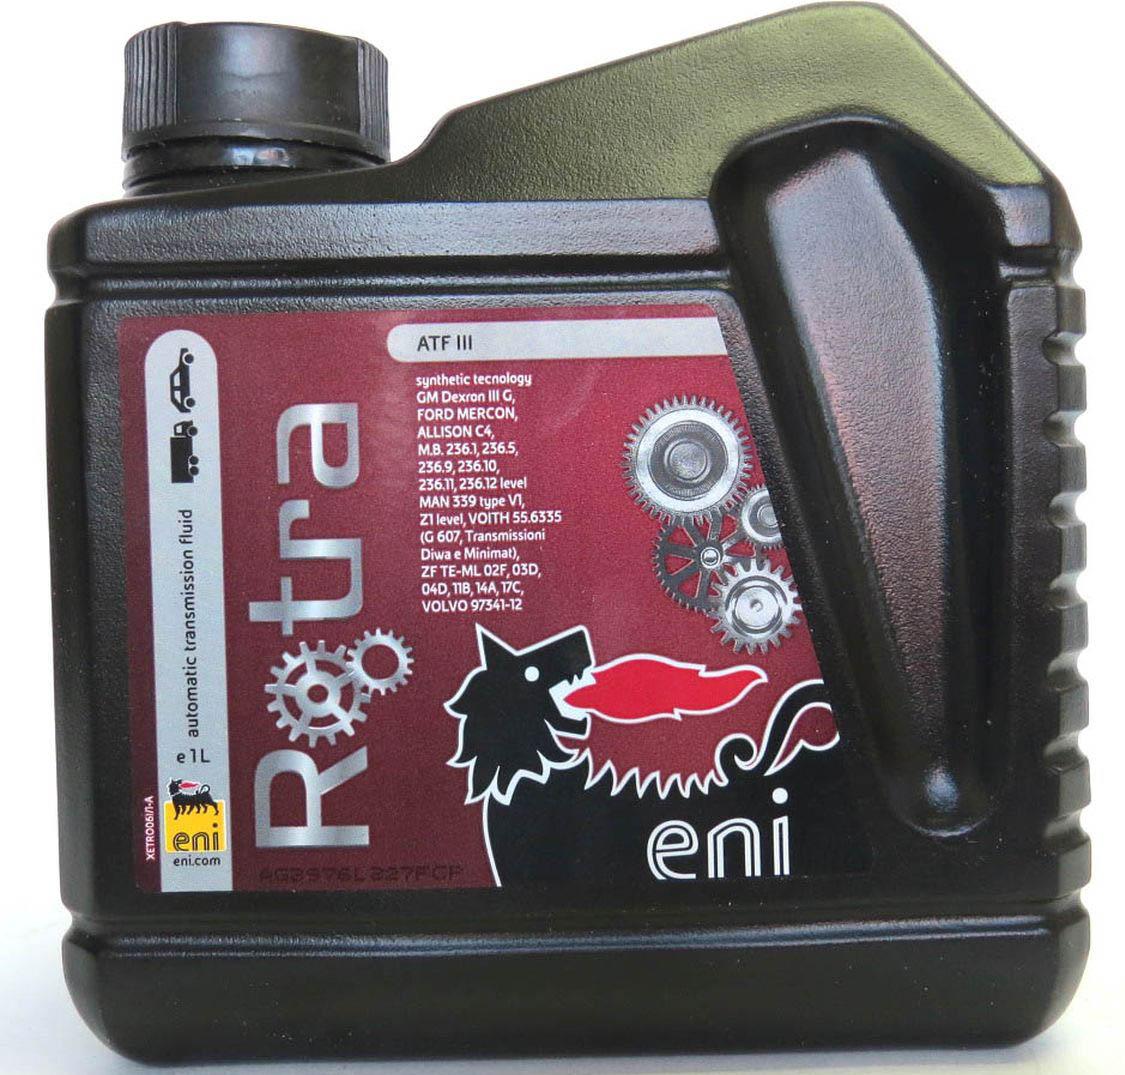 трансмиссионное масло Eni Rotra ATF III 1лS03301004Eni Rotra ATF III это жидкость для автоматических трансмиссий и гидросистем, отвечающая требованиям спецификаций GM Dexron III, Ford Mercon, Allison C4, а также требованиям европейских автопроизводителей. Eni Rotra ATF III имеет высокую стабильность к окислению, что обеспечивает безупречную чистоту трансмиссий. Жидкость обладает стабильностью фрикционных свойств, что подтверждено циклом испытаний на их прочность. Eni Rotra ATF III имеет прекрасную текучесть при низких температурах. Хорошая совместимость со всеми типами изделий из эластомеров и металлов обеспечивает надежную защиту от протечек и износа. Хорошие антипенные свойства предотвращают пенообразование.ХарактеристикиСпецификации и одобрения GM Dexron III(G-34193), Allison C4, BMW BG 24, MB 236.1/236.5/236.10/236.11/236.12, Ford Mercon, Man 339 type F, ZF TE-ML 02F/03D/04D/11B/14A/17C, Volvo 97341-12, Ford Mercon, Voith G607, Diwa